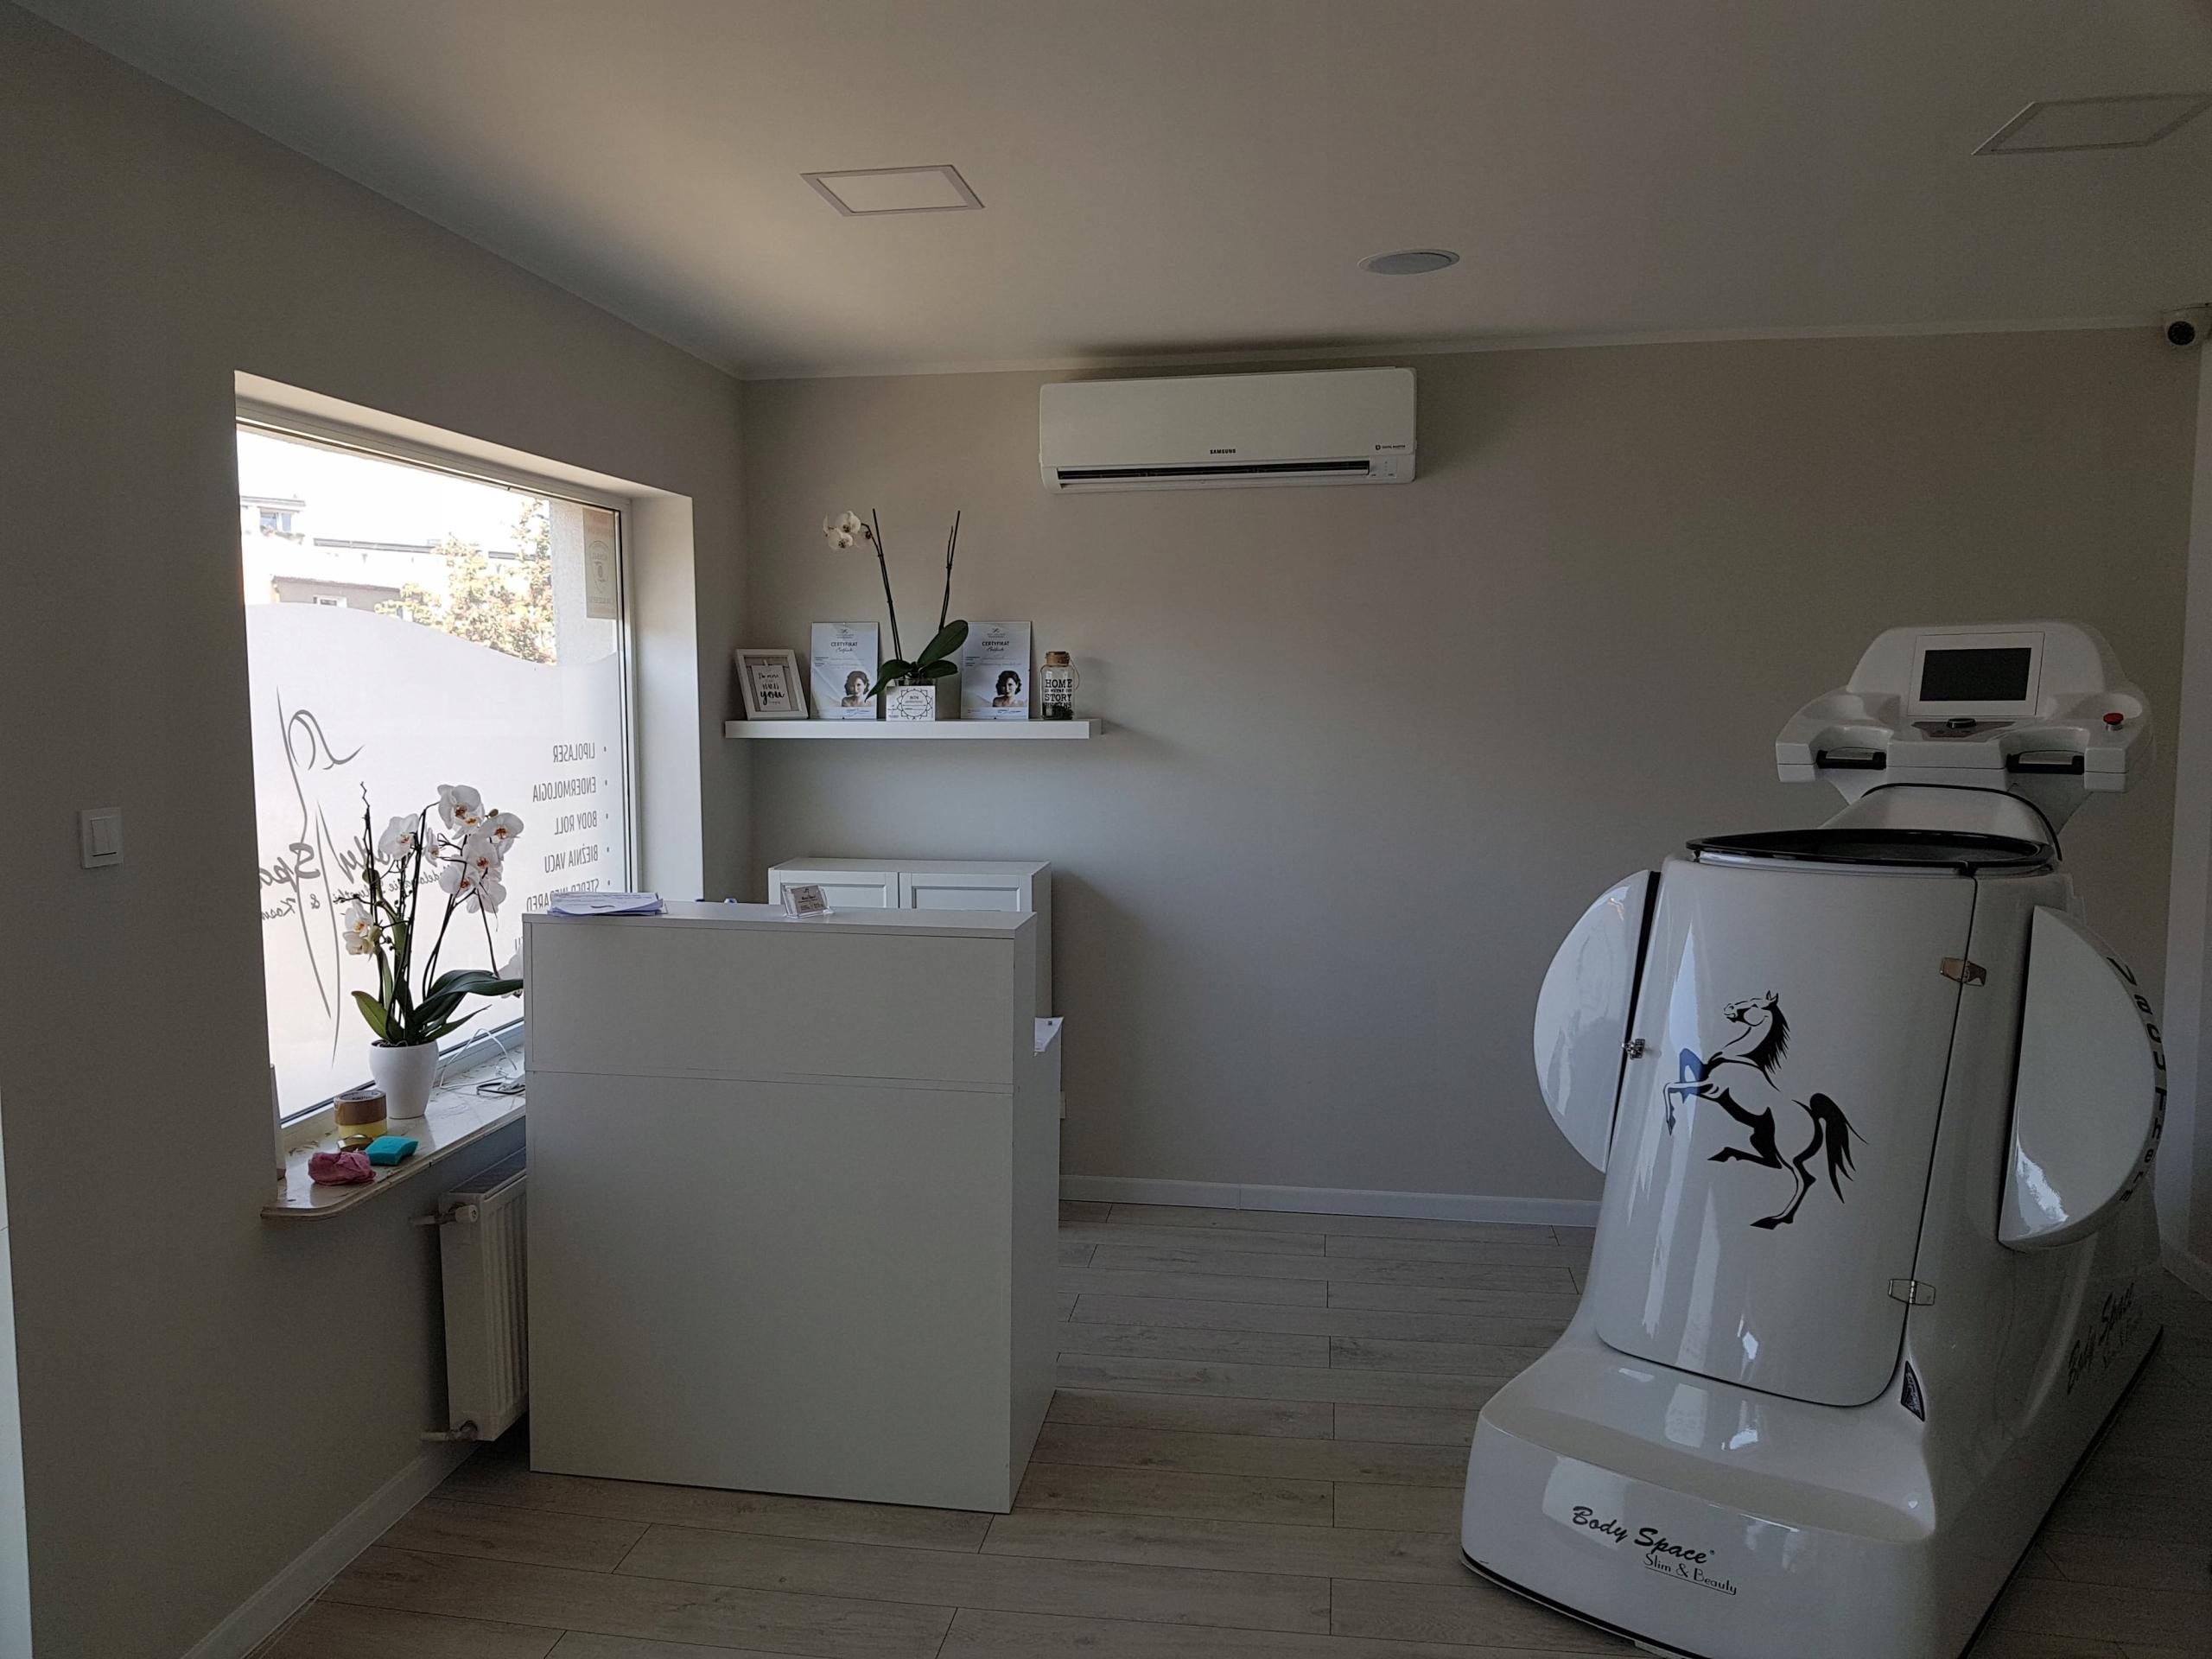 Gree Amber Prestige 2.7 kW Klimatizácia s montážou | KúpSiTo.sk - Tovar z  Poľska